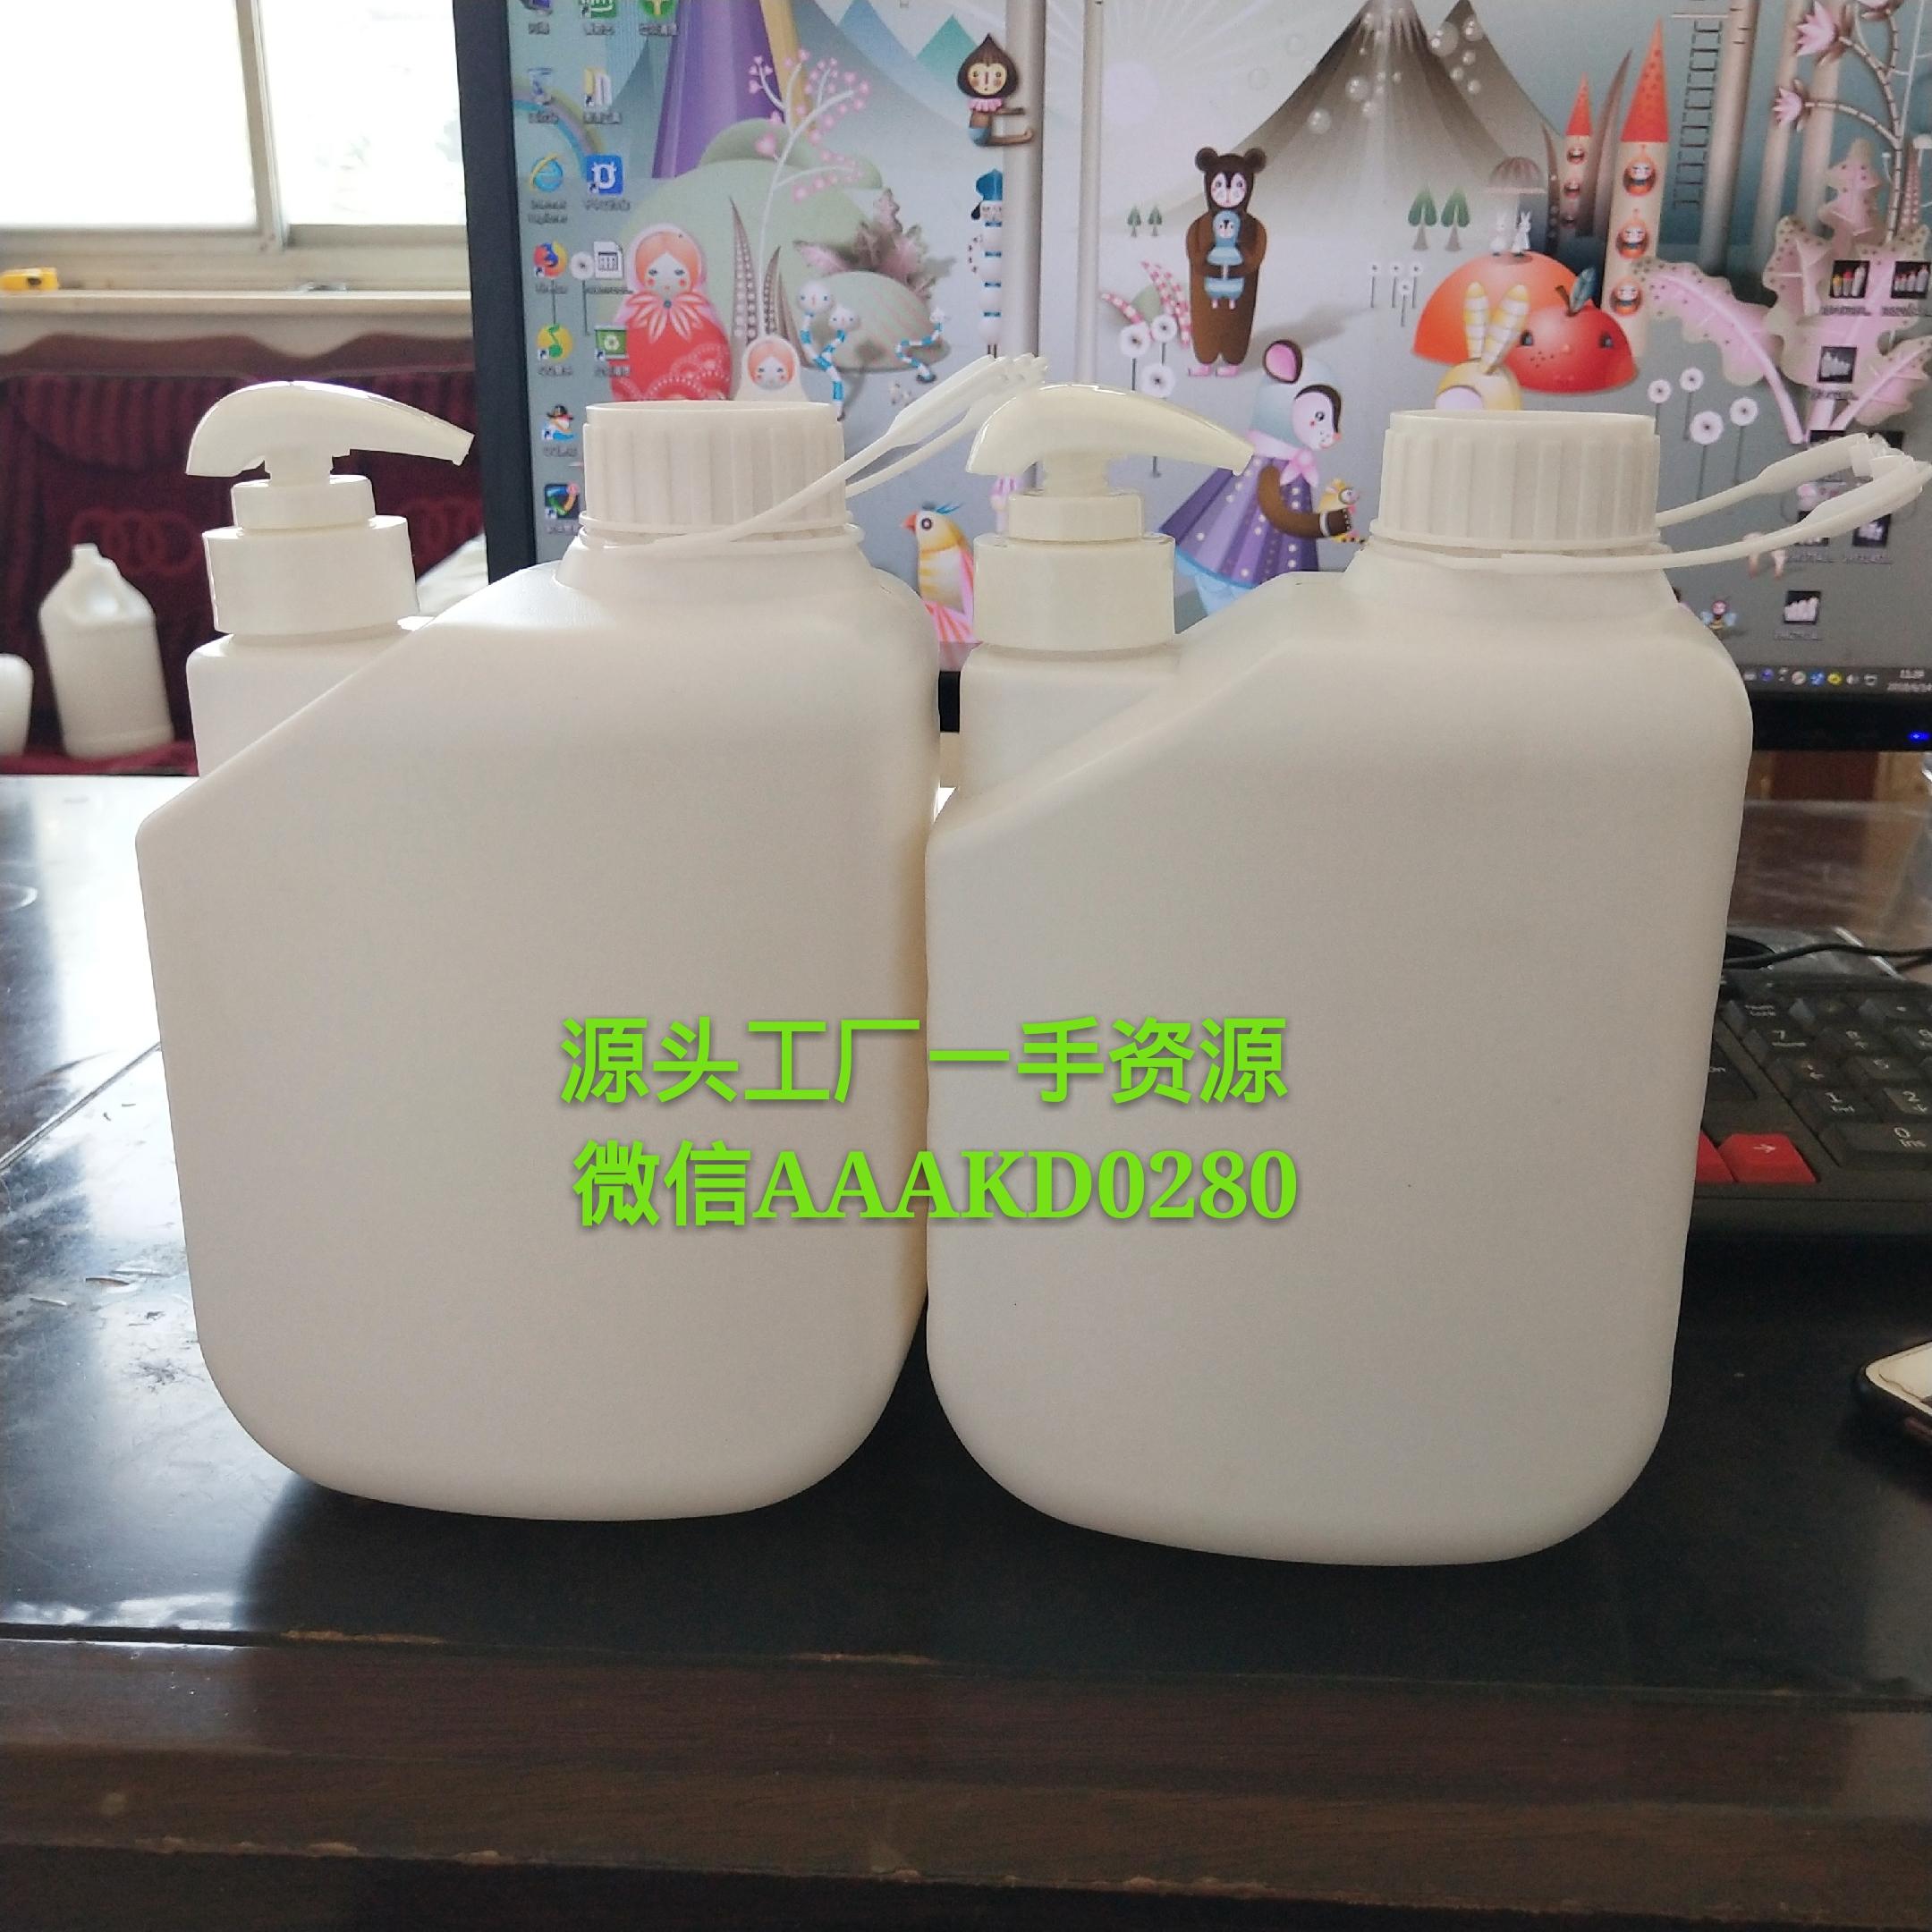 洗手液塑料瓶_河北洗手液塑料瓶生产厂家_洗手液塑料瓶厂家定做_洗手液塑料瓶厂家直销